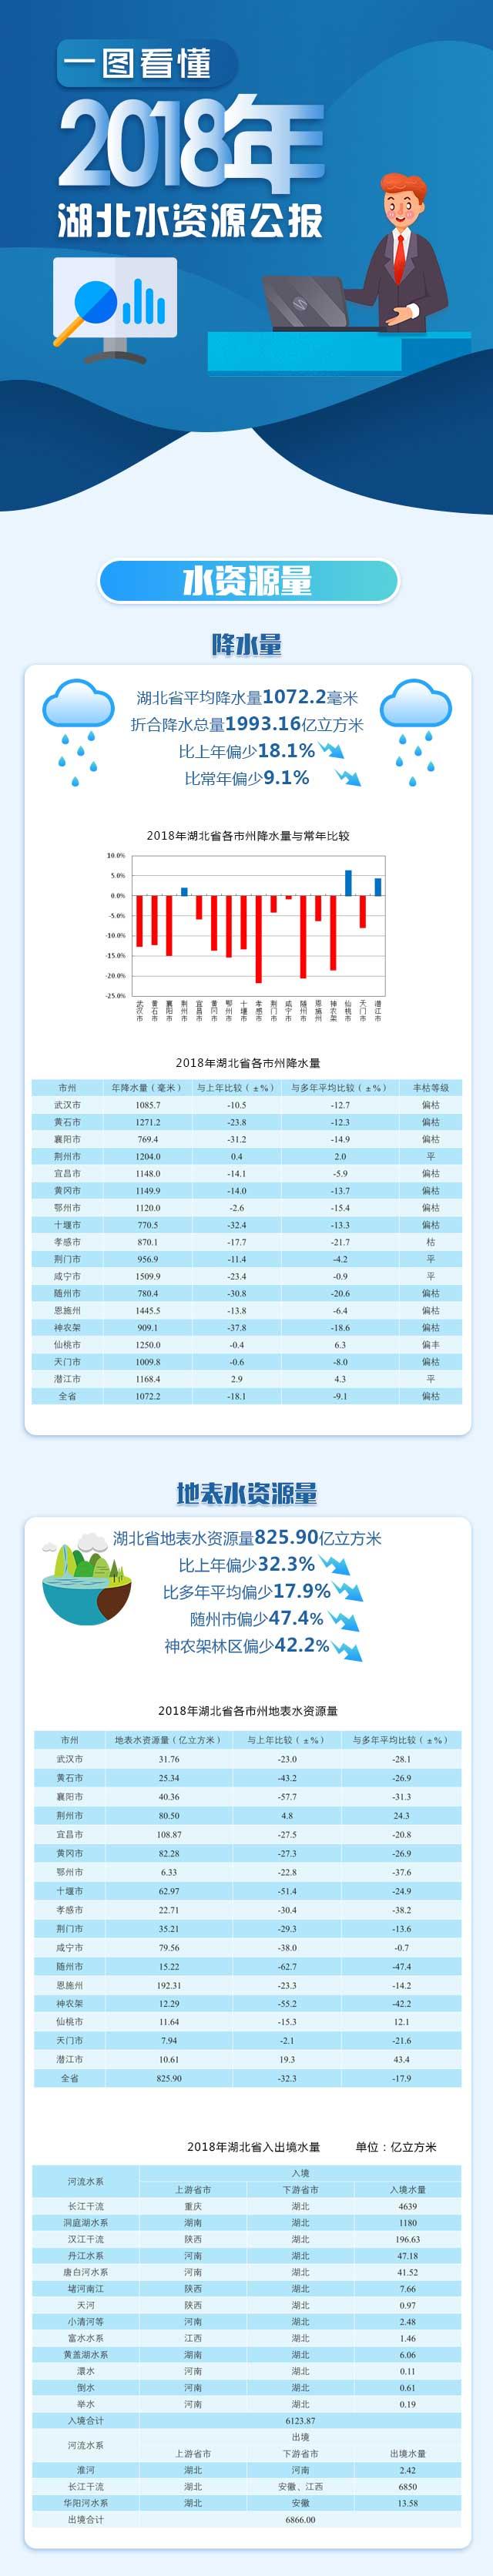 一图读懂2018湖北省水资源公报